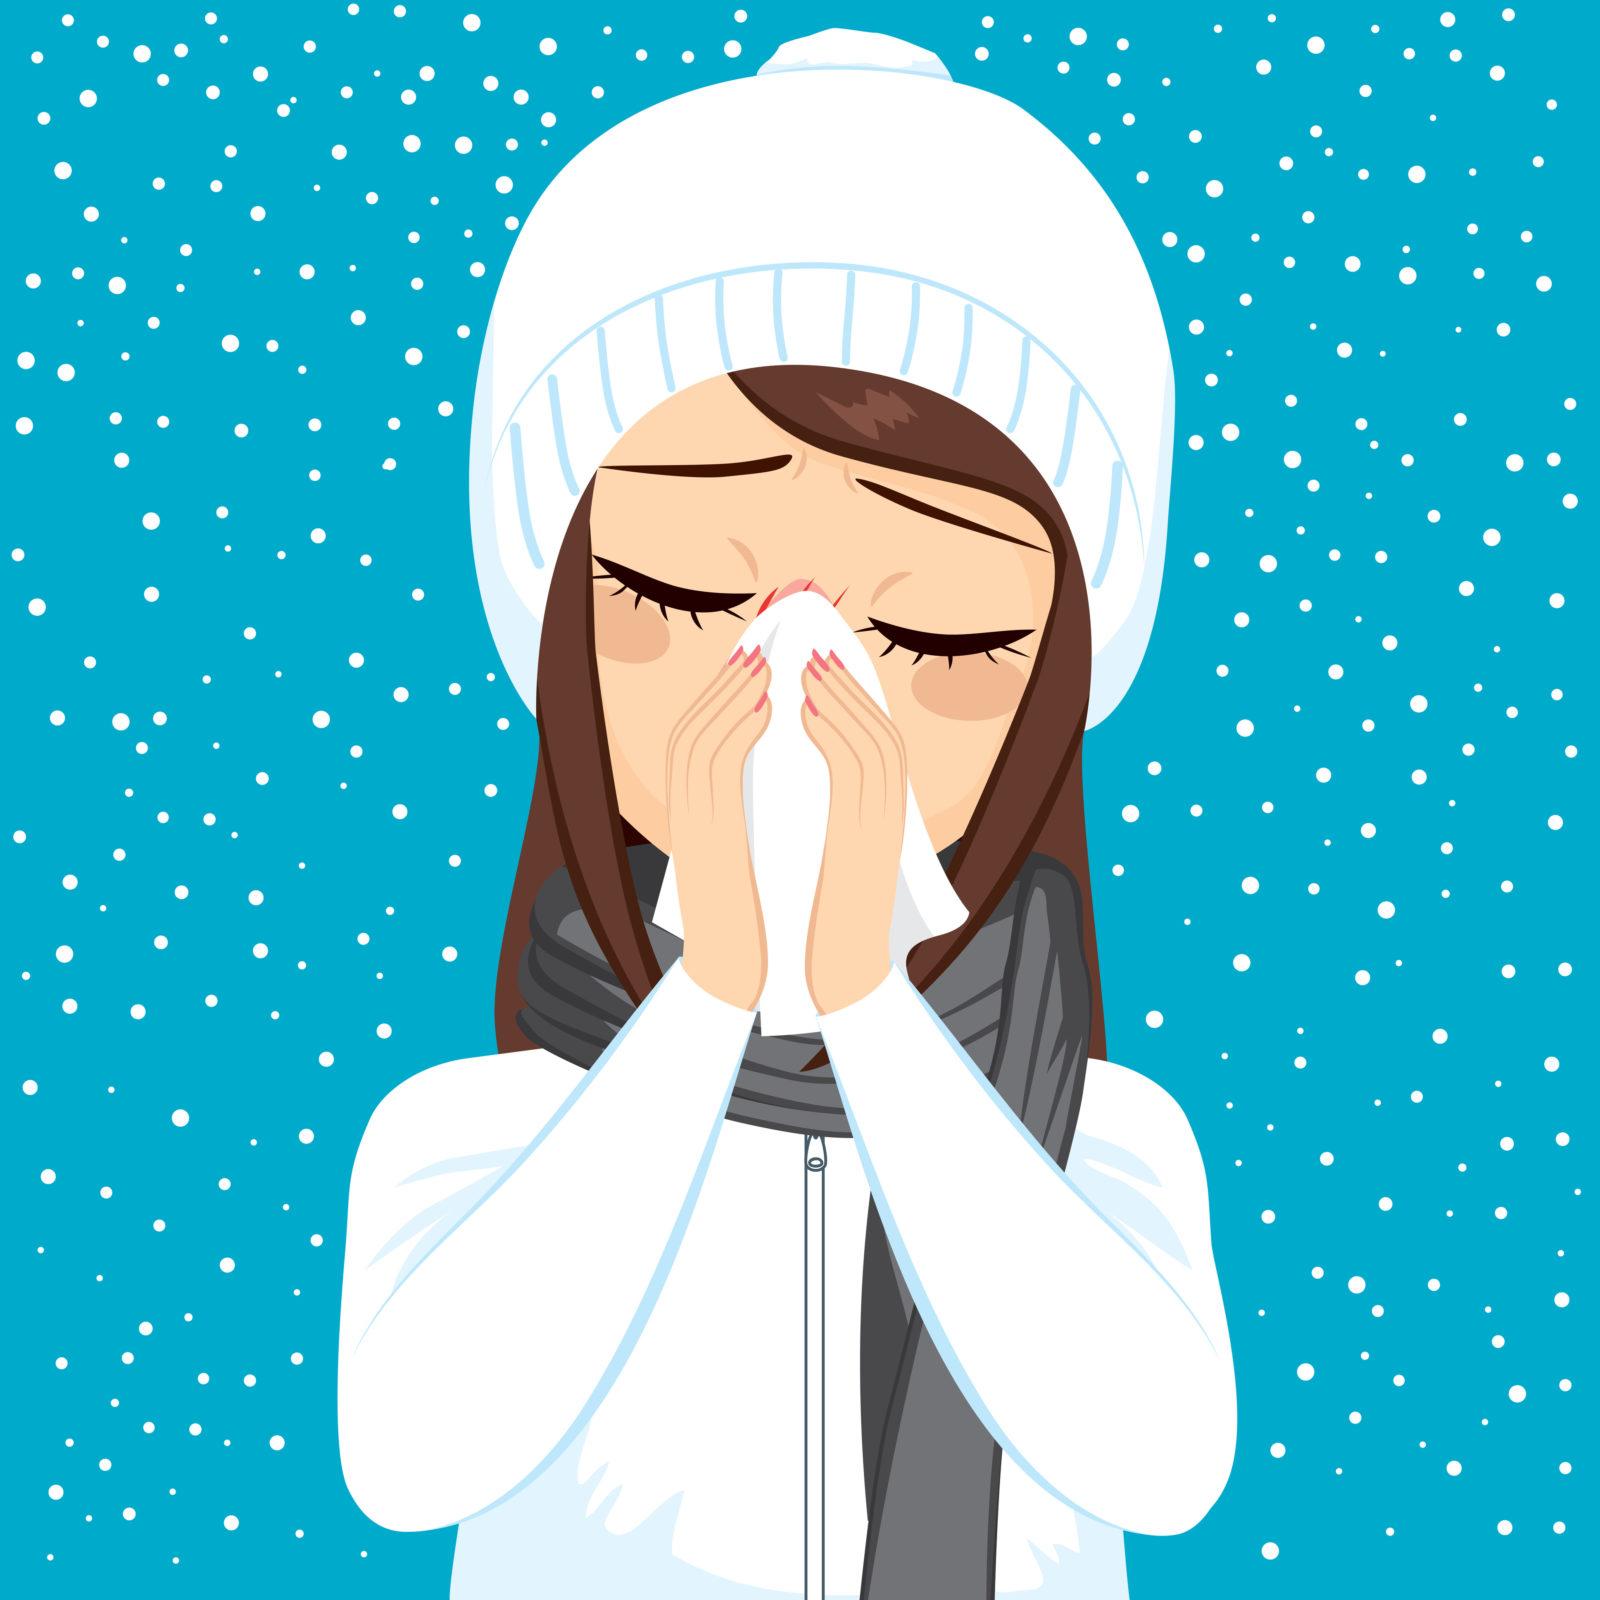 Pourquoi a-t-on le nez qui coule quand il fait froid ?